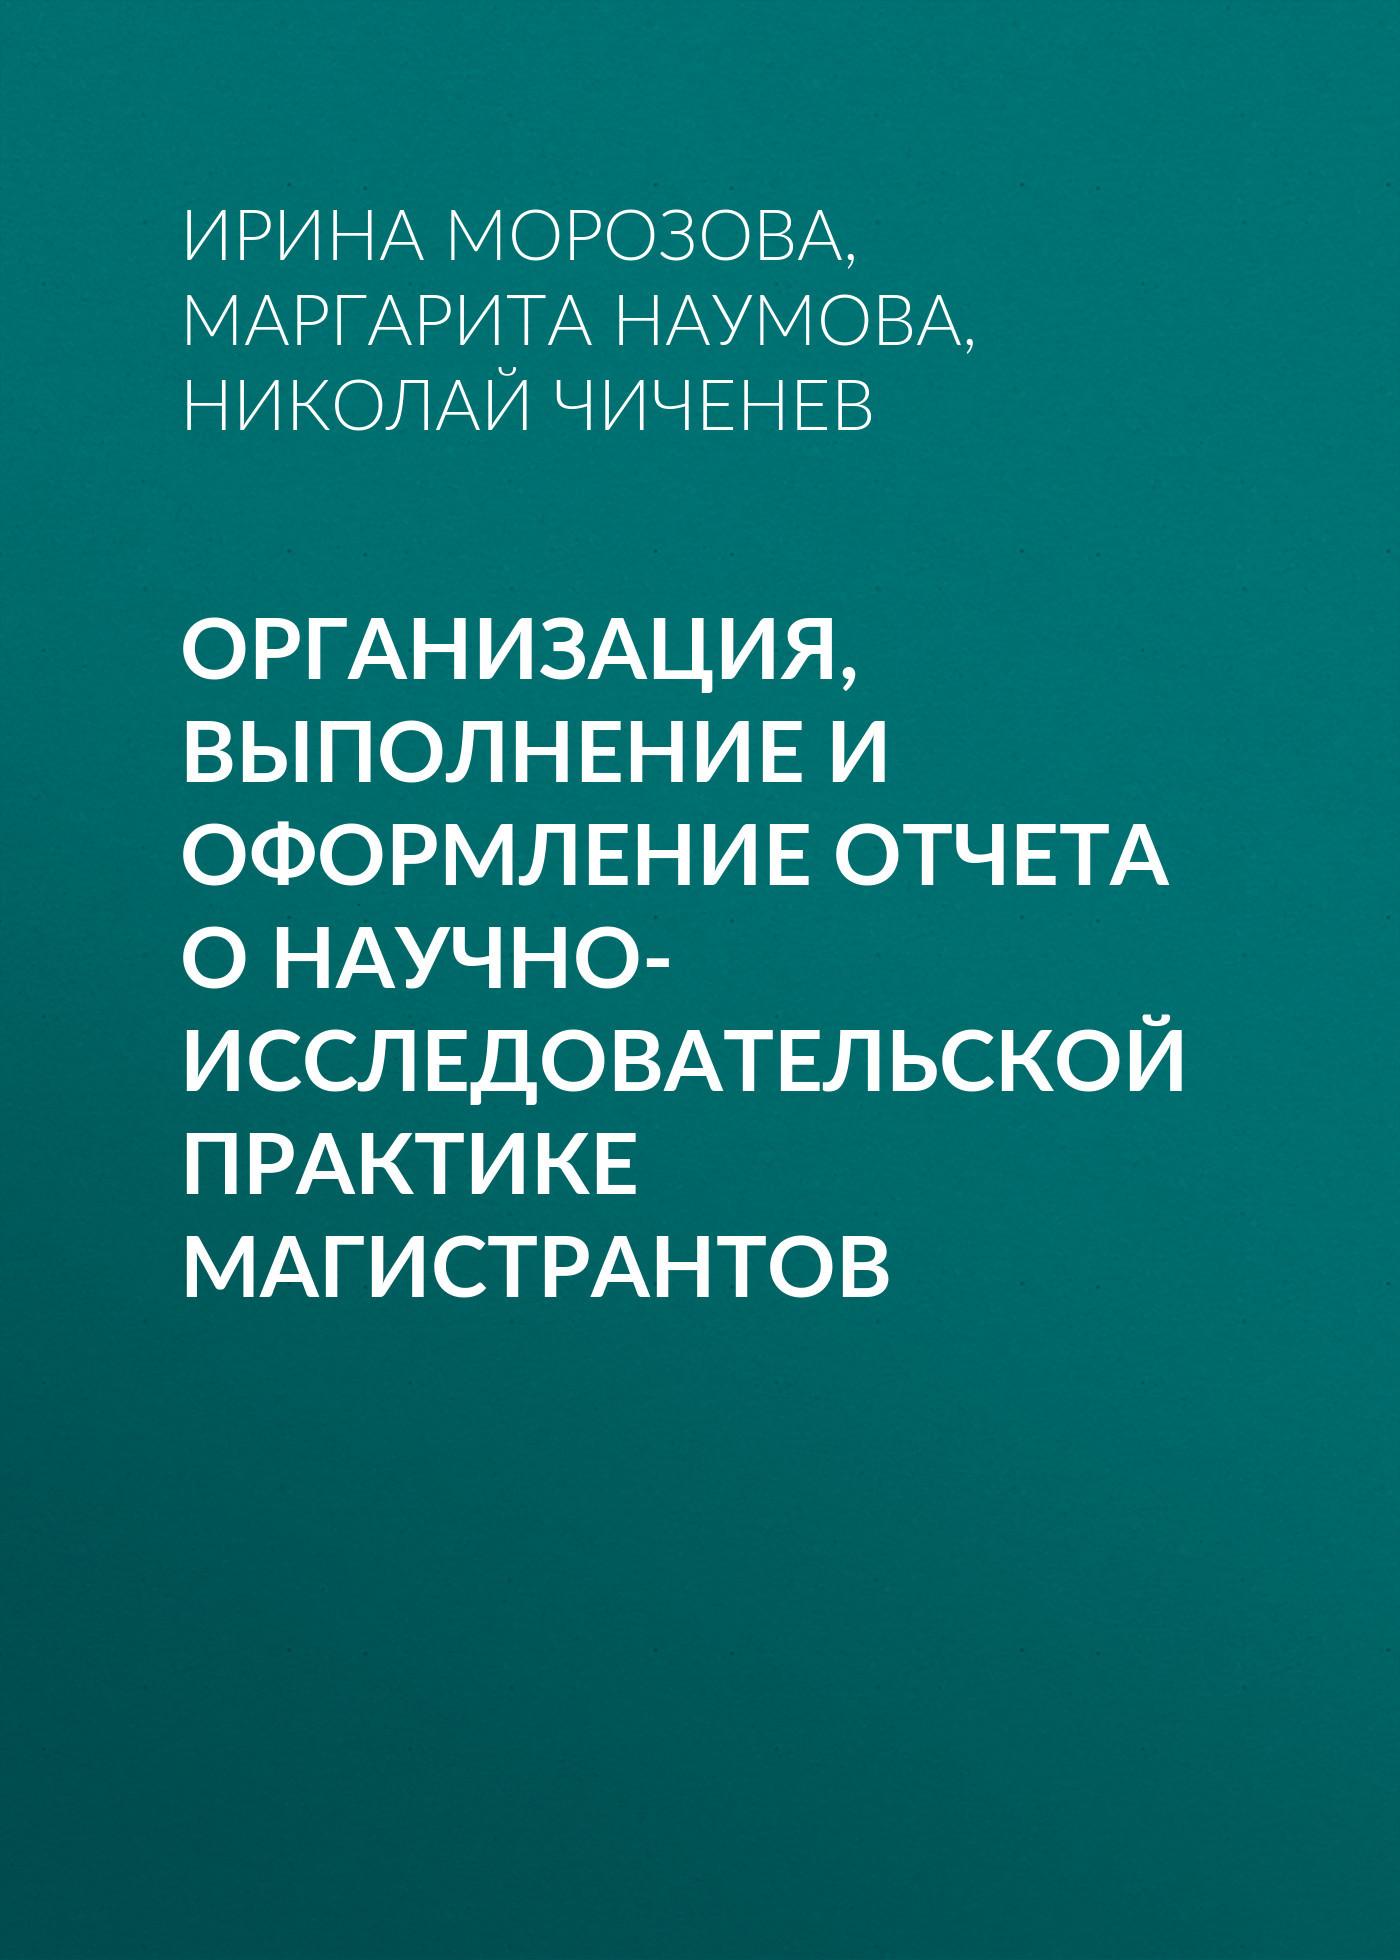 Ирина Морозова Организация, выполнение и оформление отчета о научно-исследовательской практике магистрантов